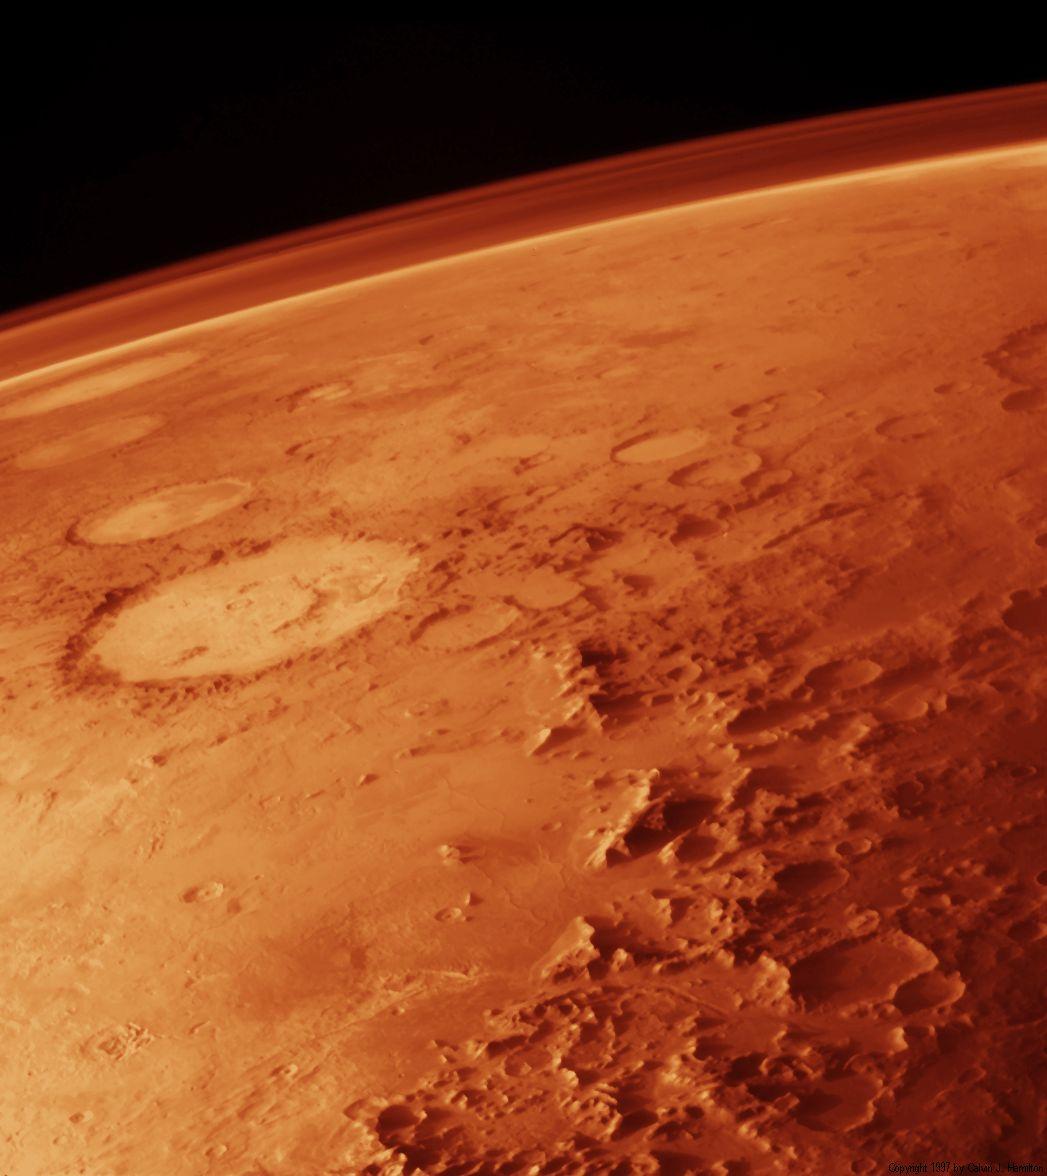 Die dünne Marsatmosphäre aus dem Mars-Orbit betrachtet.